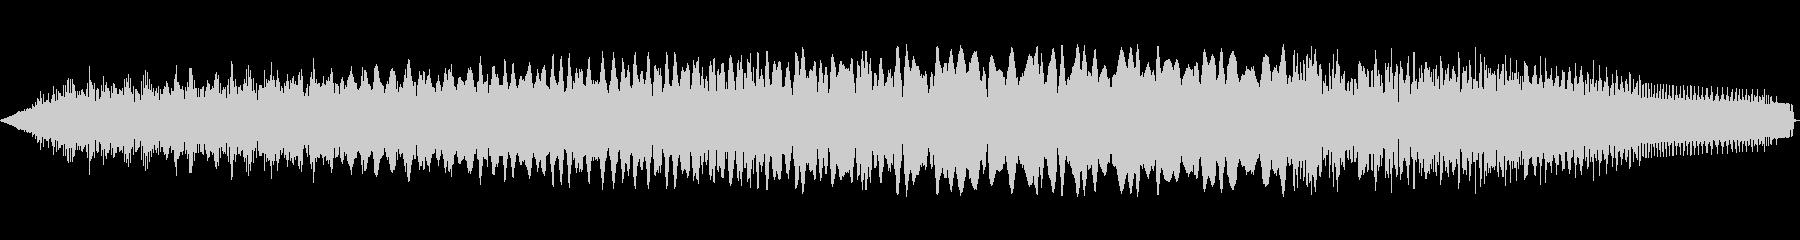 トーンアラームポリフォニックライズ...の未再生の波形